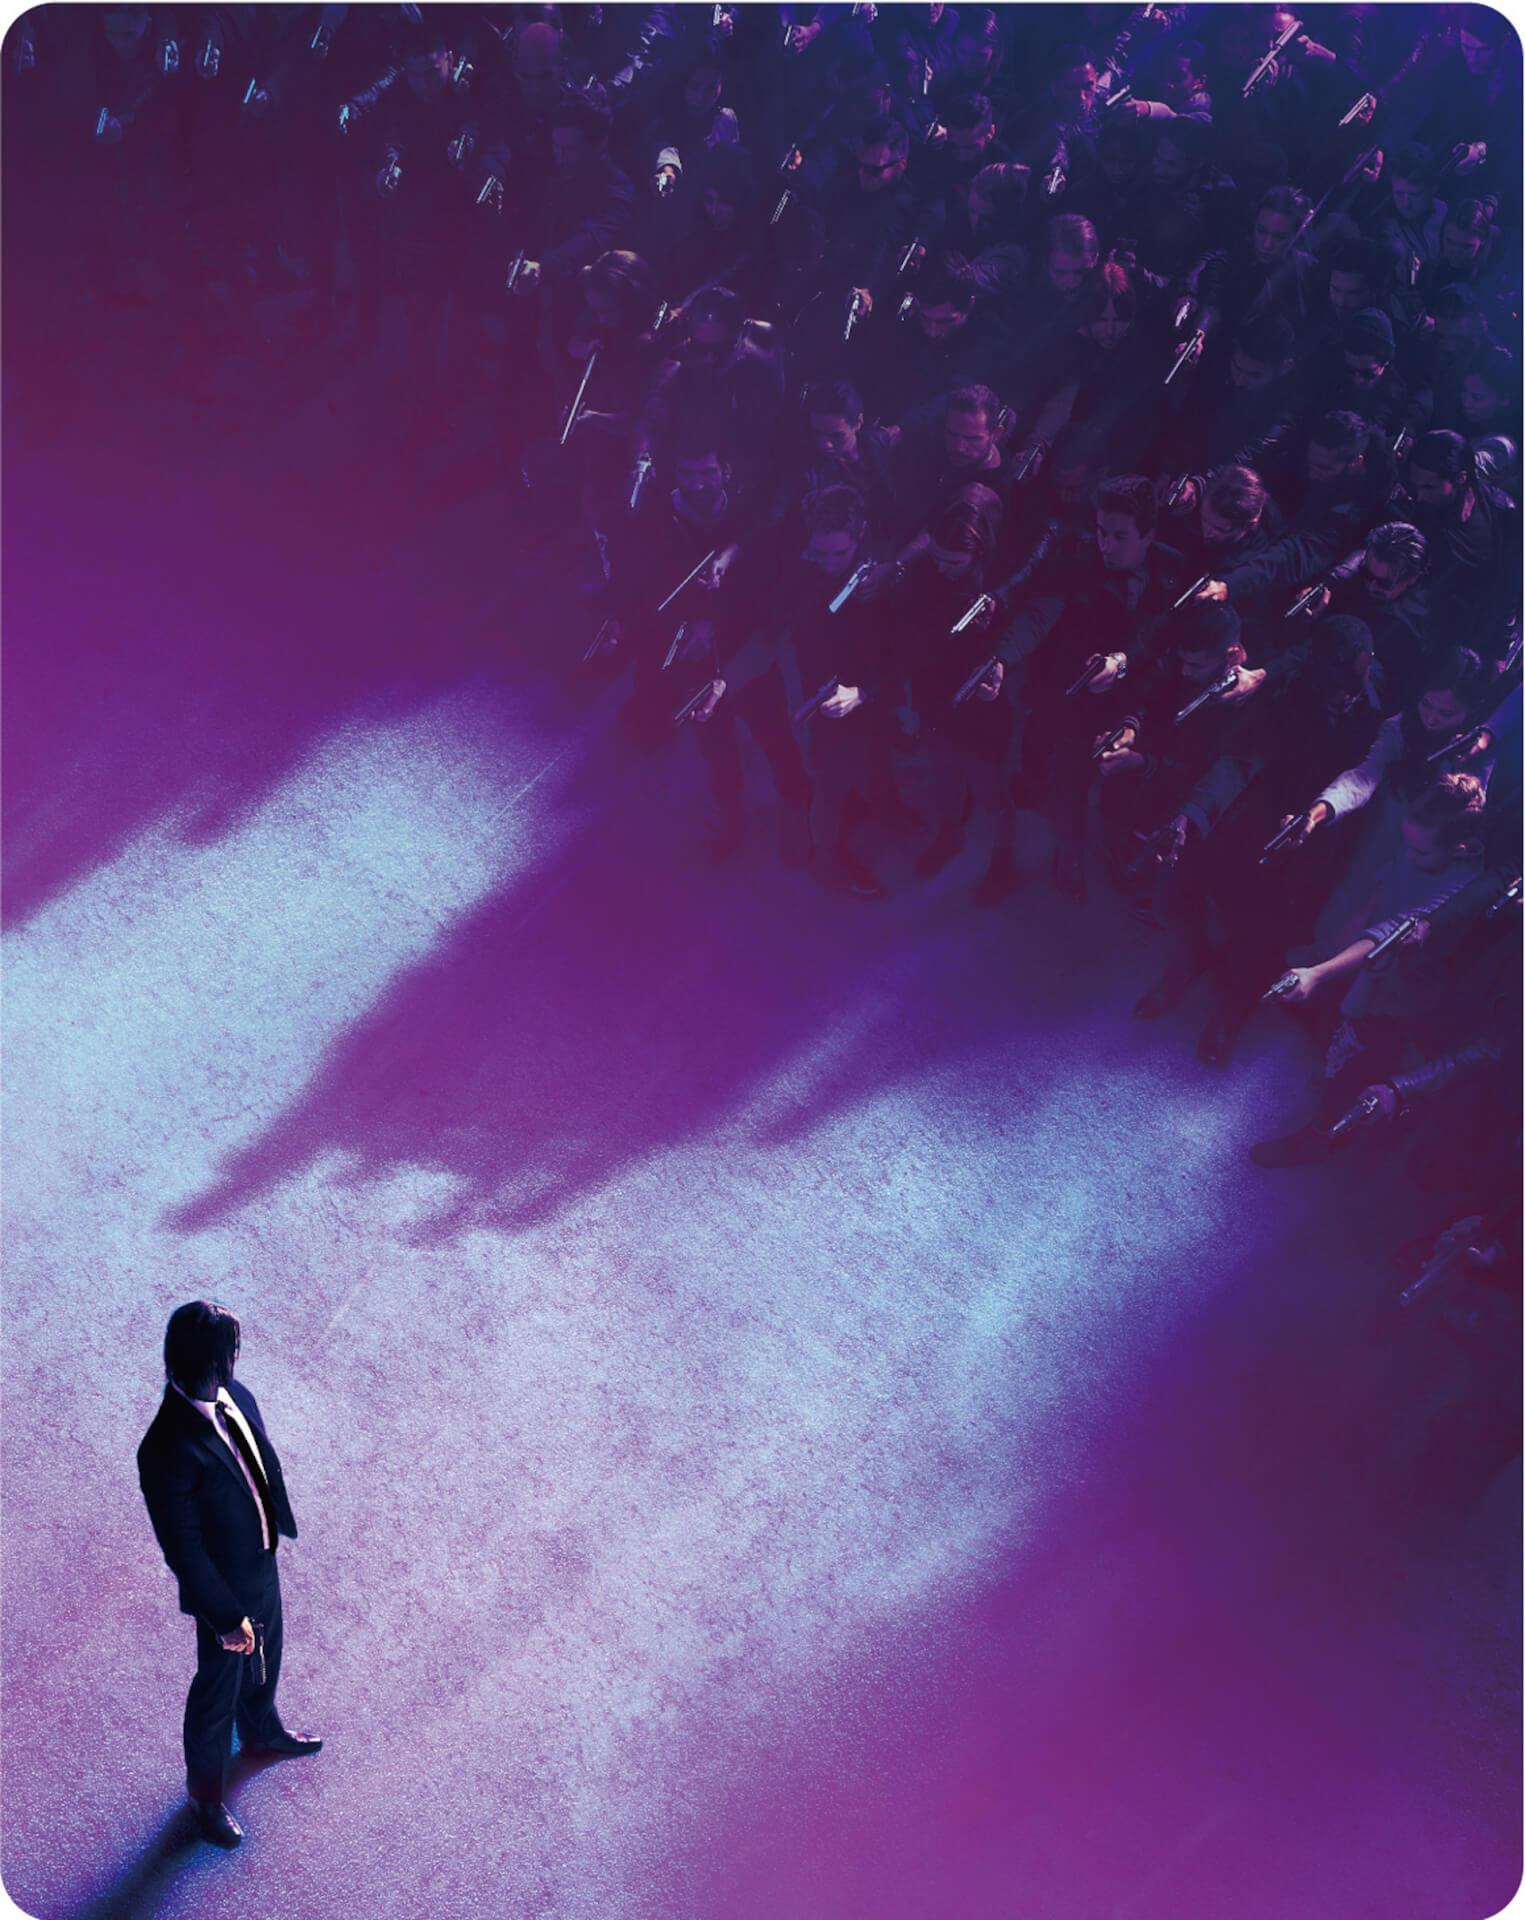 キアヌ・リーブスがあなたの家でガン・フーを披露!『ジョン・ウィック:パラベラム』Blu-ray&DVD、デジタル配信決定 video191225_johnwick_6